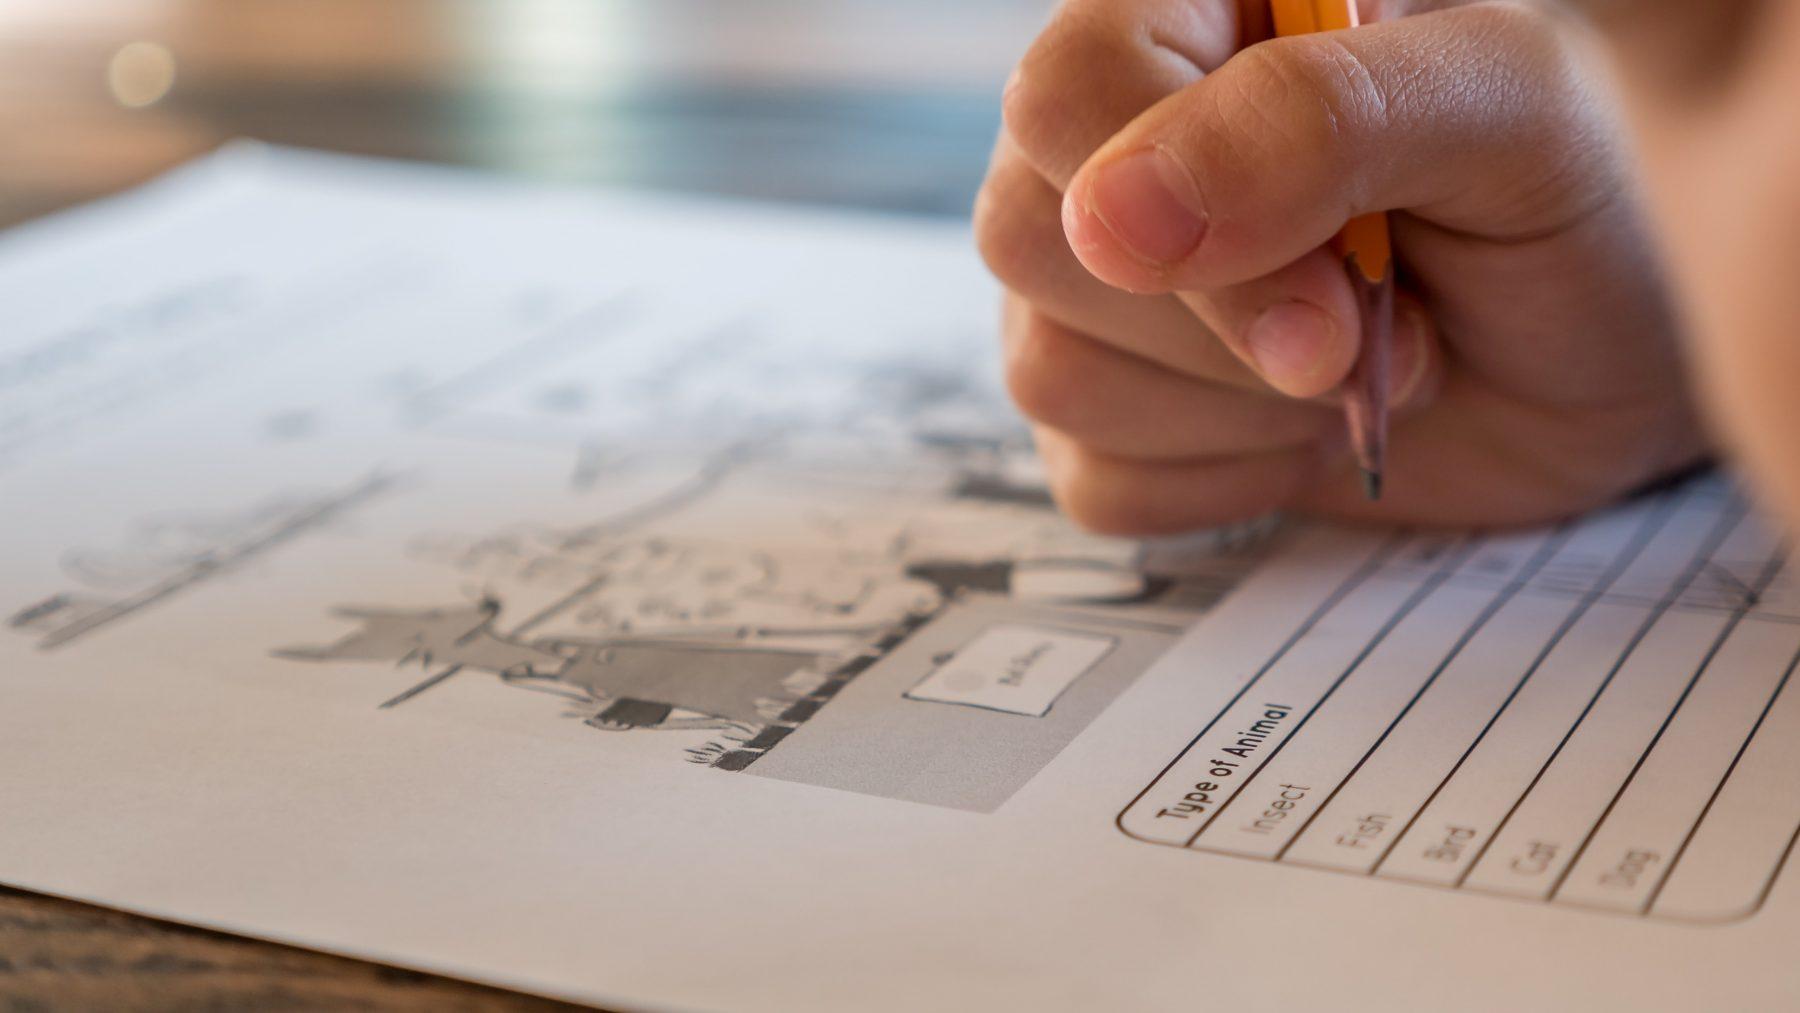 MariMarike Visser helpt kleuter met huiswerk en da's geen succes